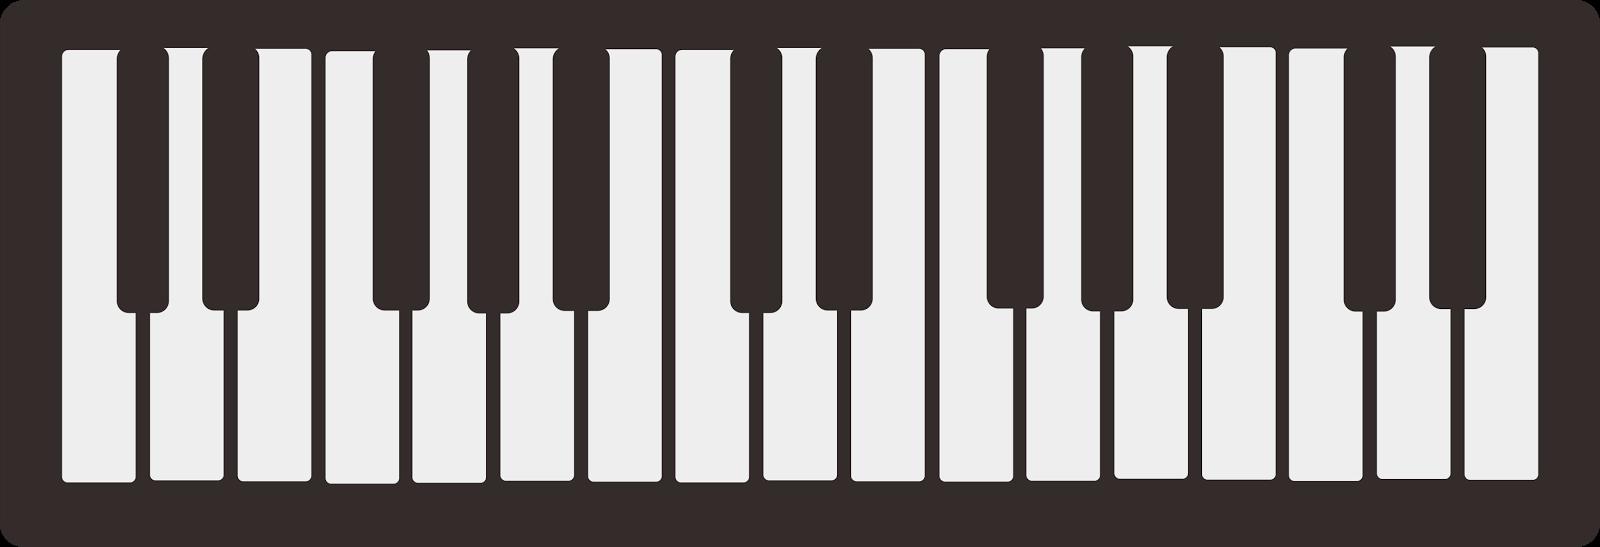 клавиатура картинки сольфеджио стали переселять, те